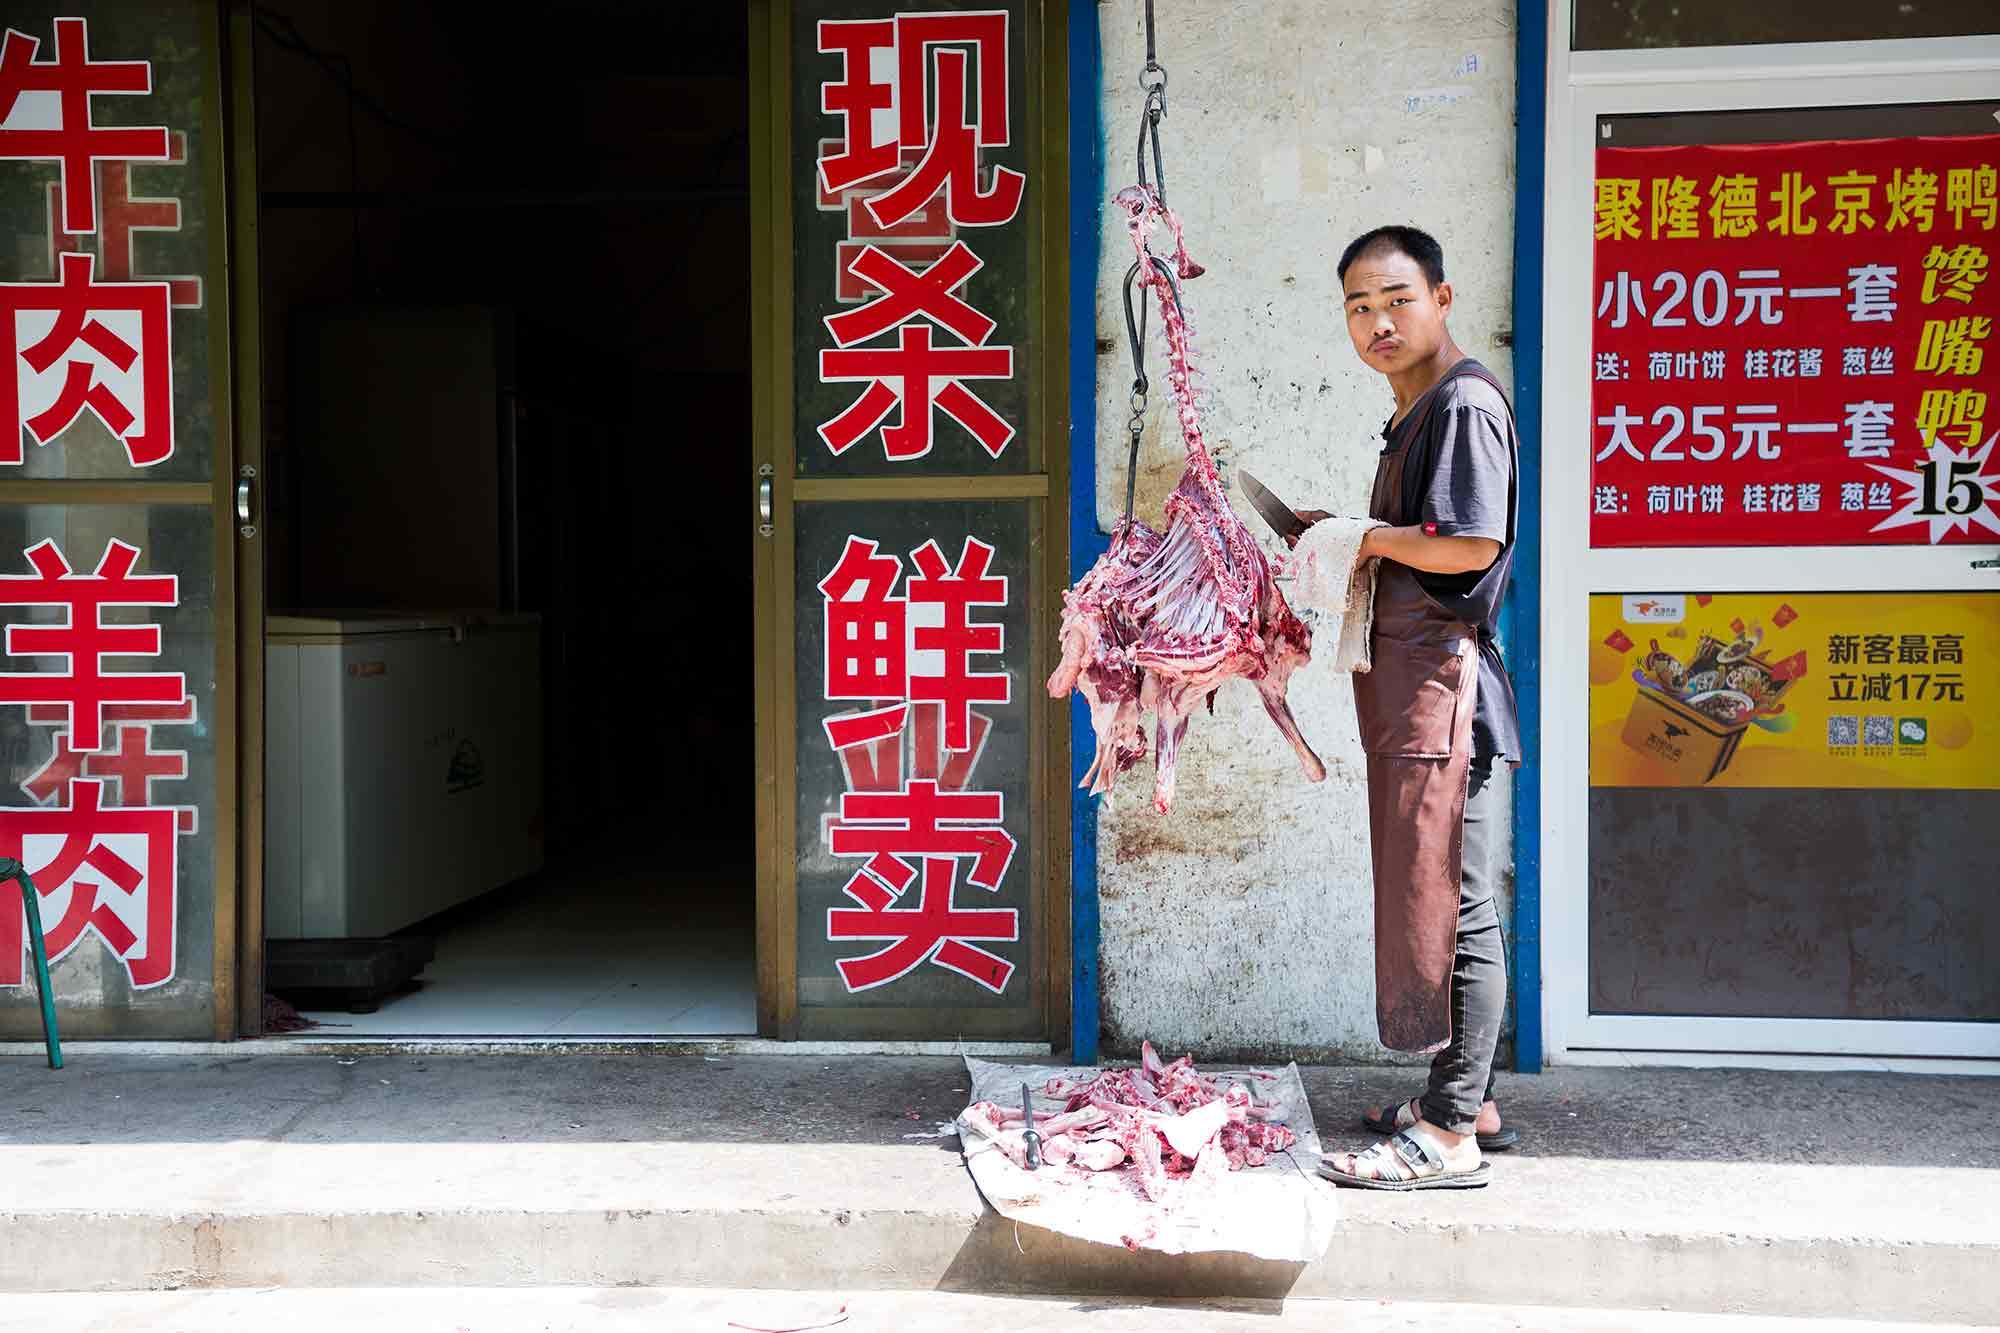 A butcher in Huayin. © ULLI MAIER & NISA MAIER